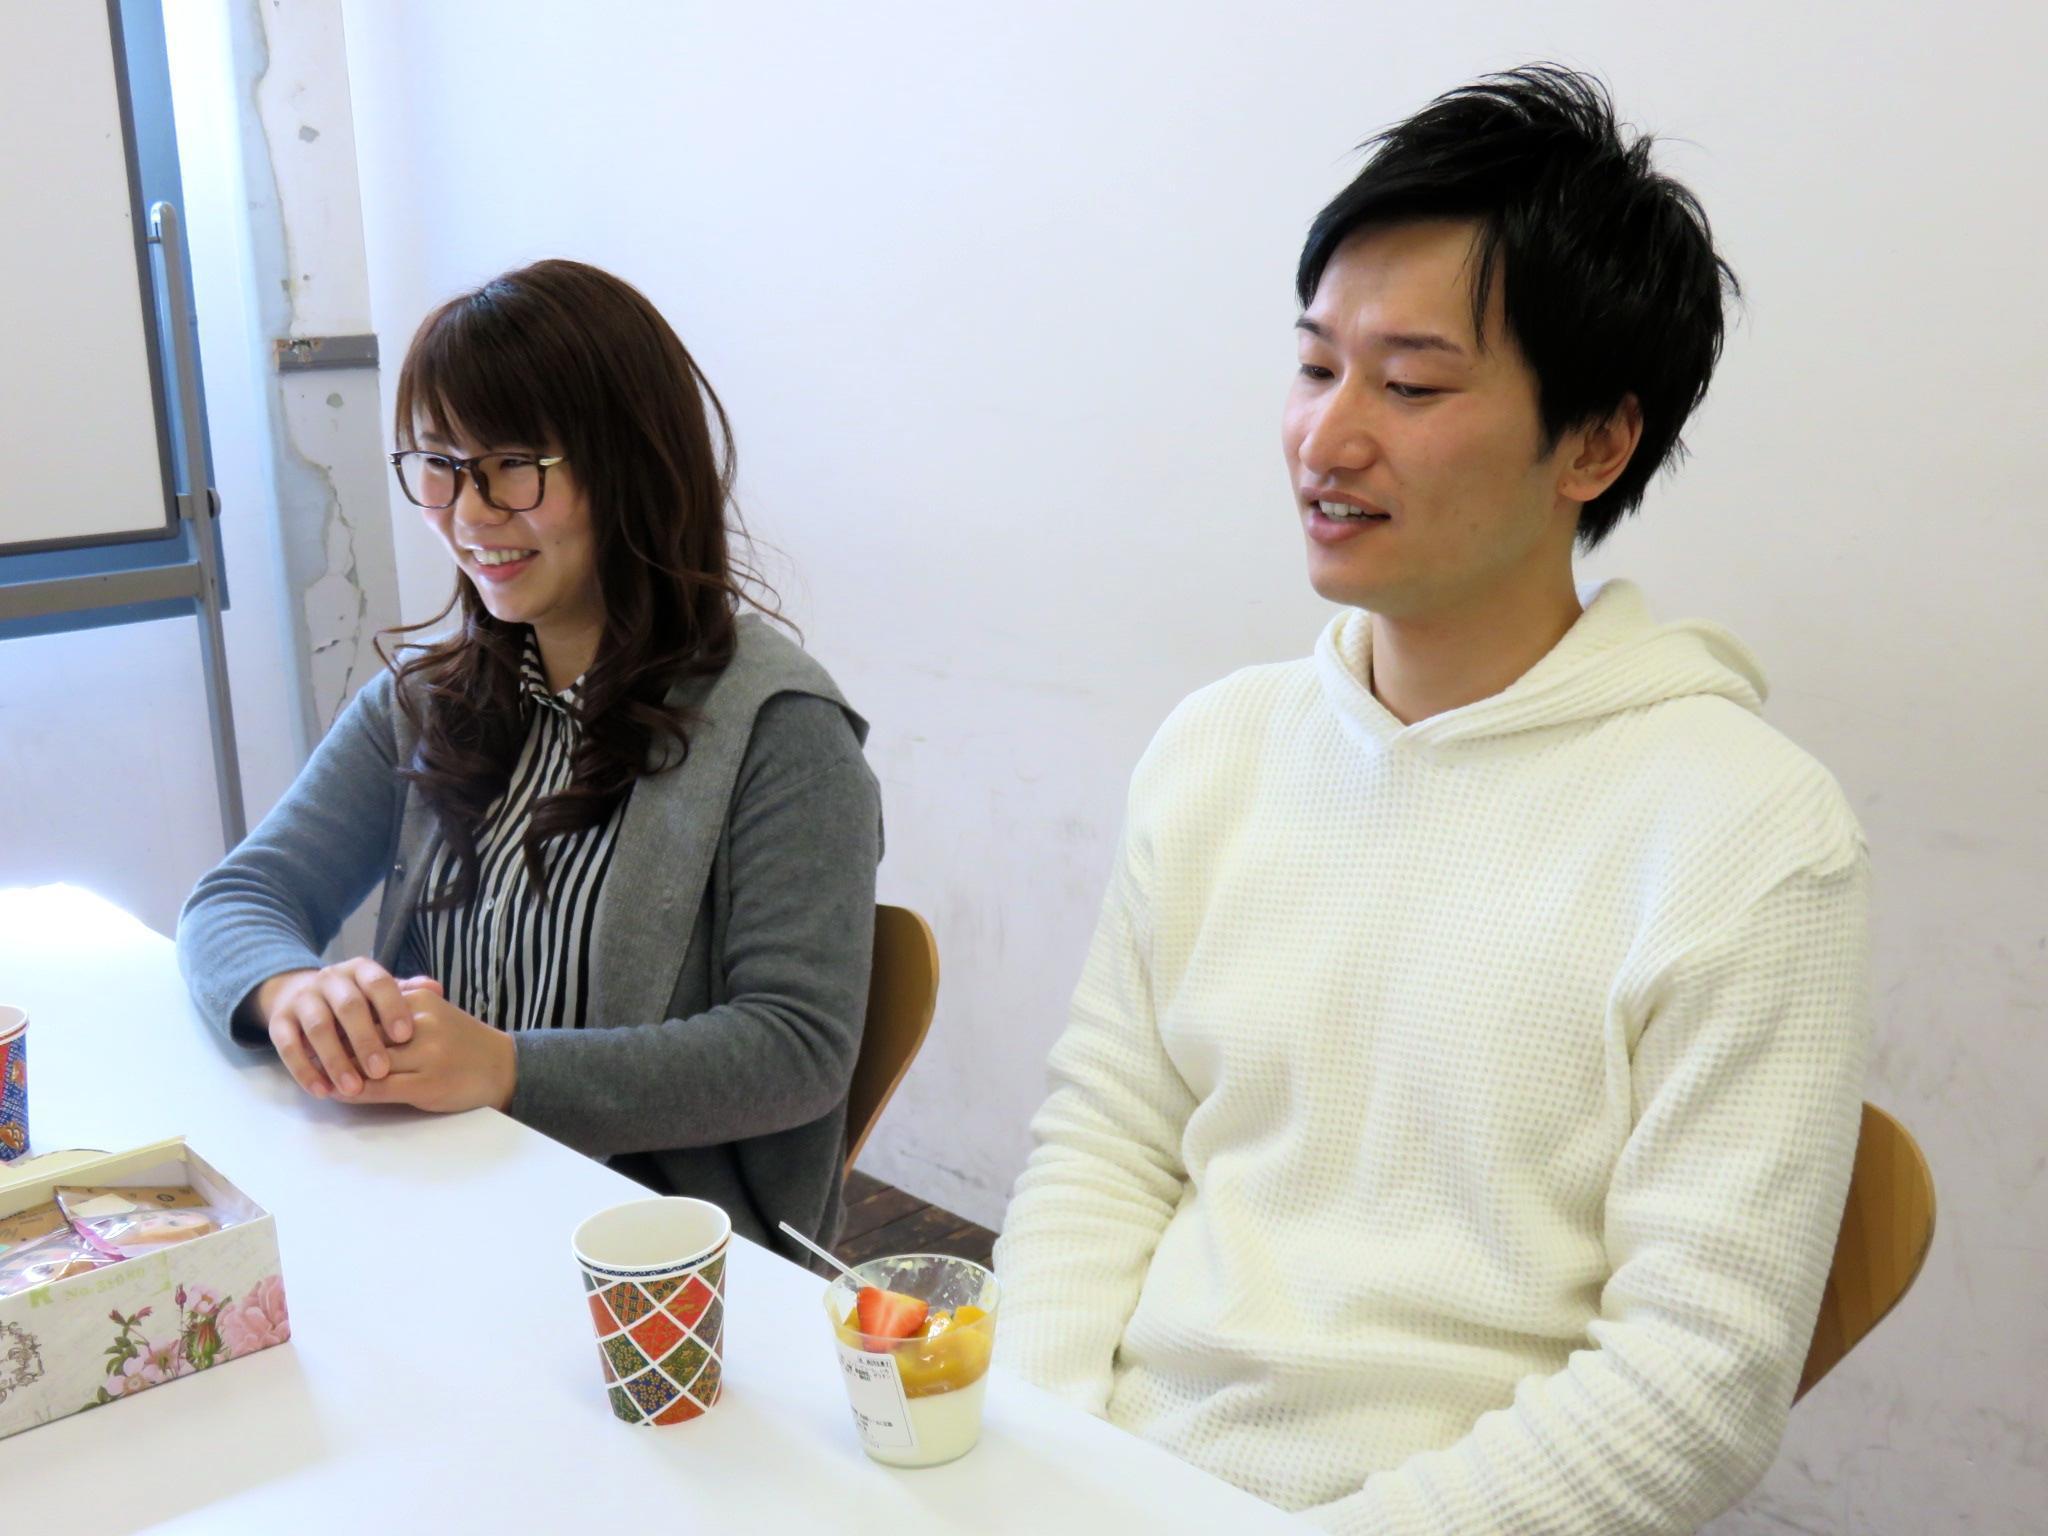 http://news.yoshimoto.co.jp/20170224191845-e9e75049a339f82fe1c4e10b967b798126d36b64.jpg